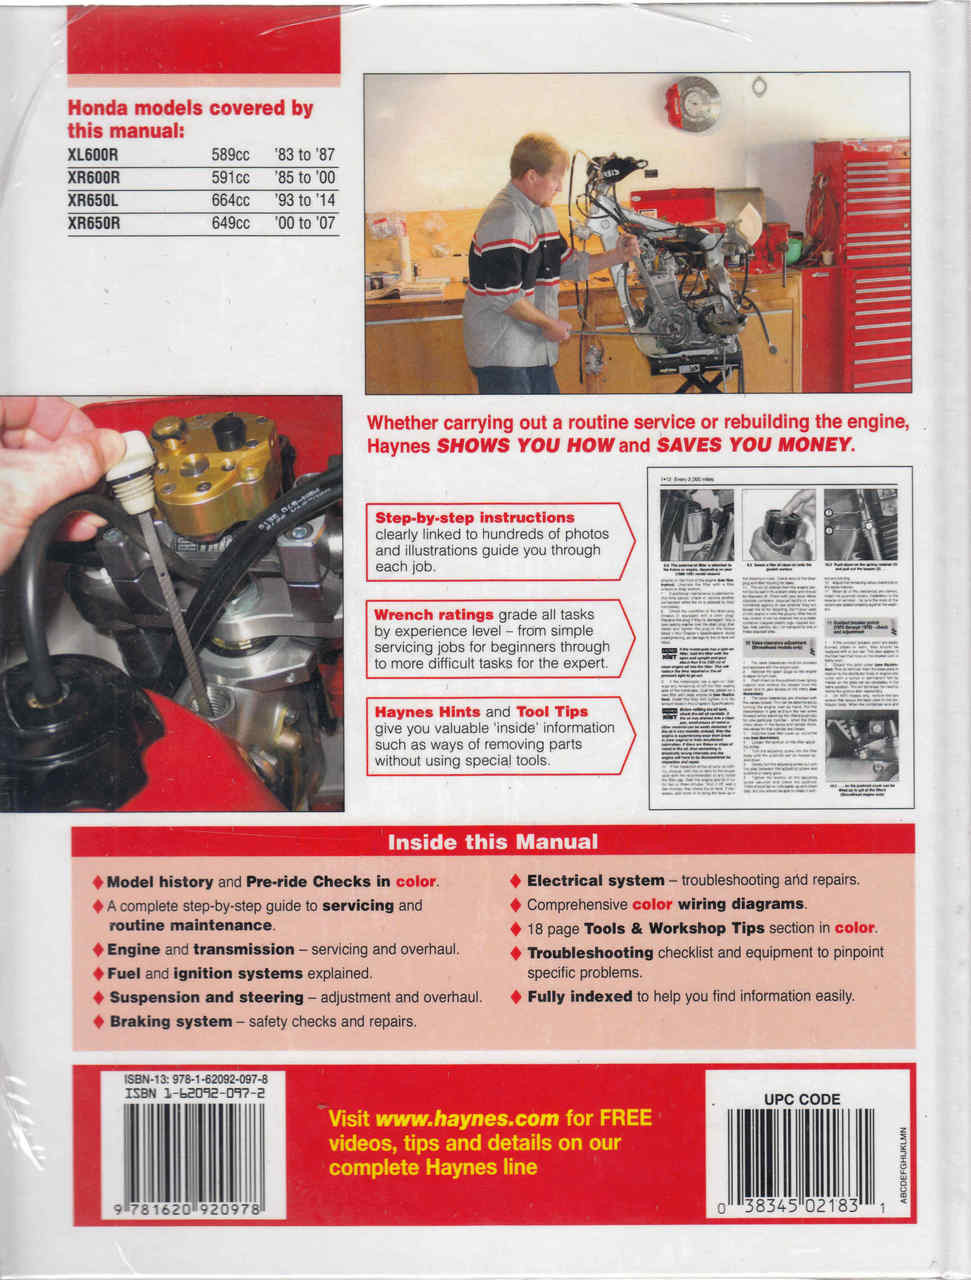 Honda XL600R, XR600R, XR650L, XR650R 1983 - 2014 Workshop Manual